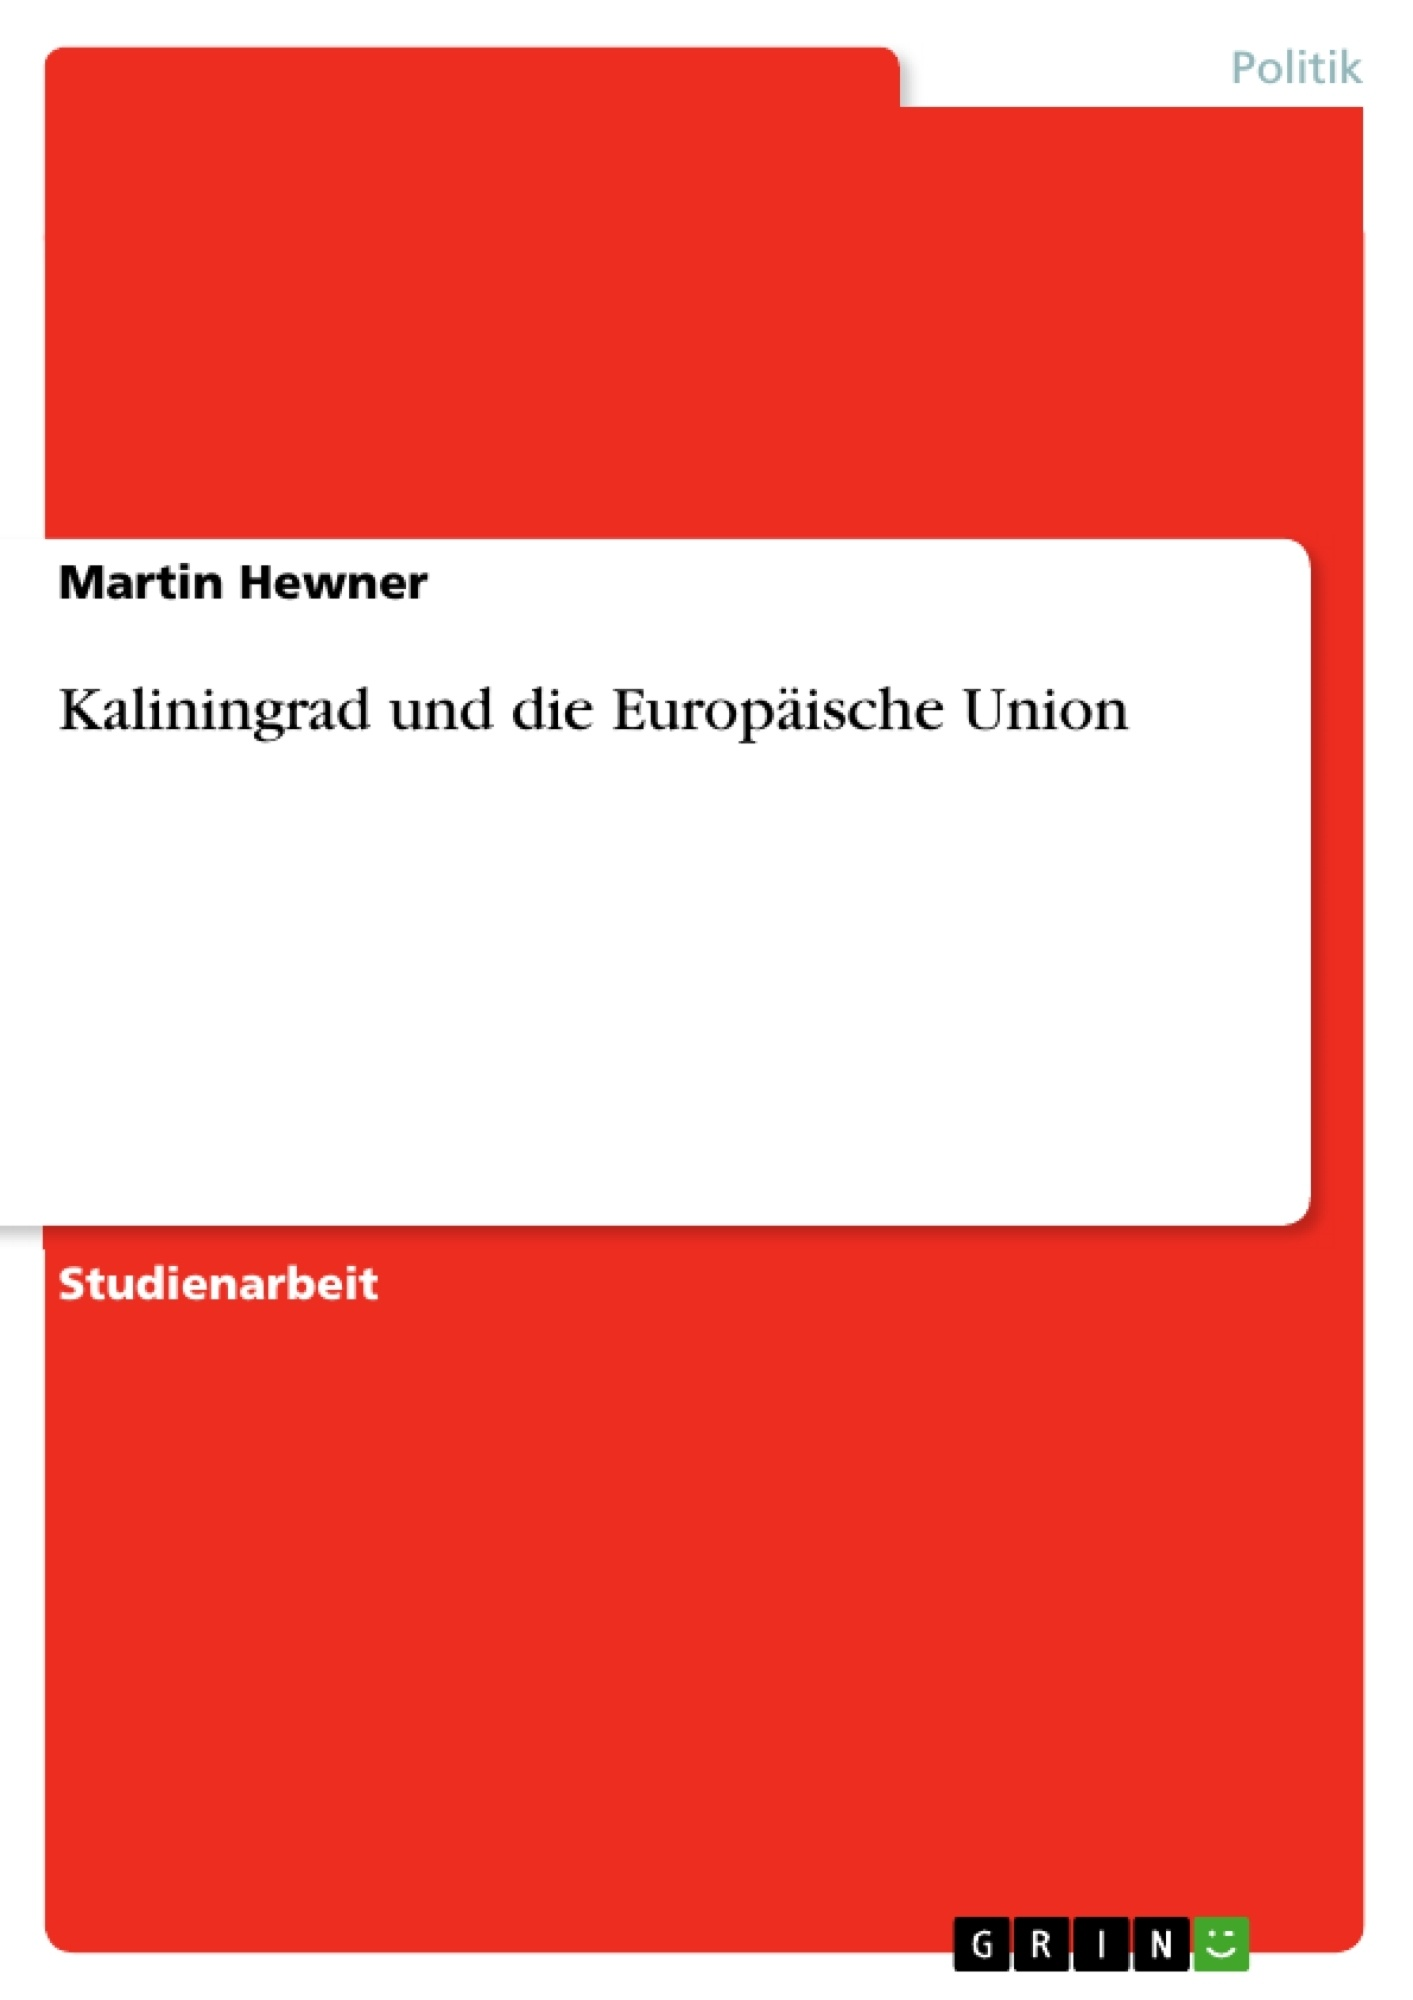 Titel: Kaliningrad und die Europäische Union